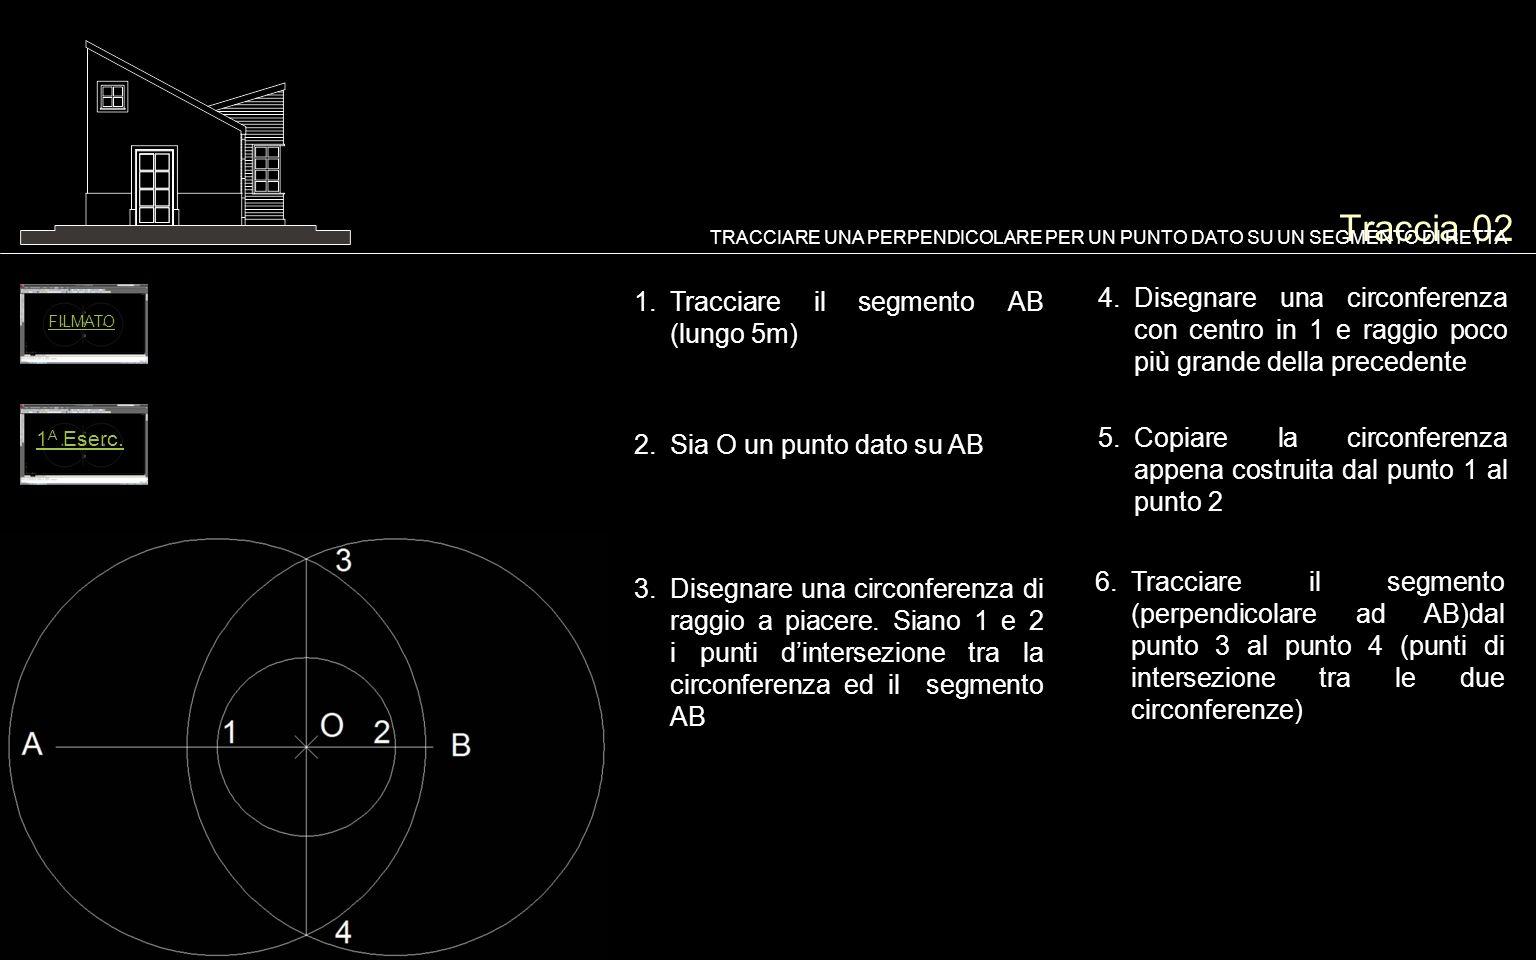 Traccia 02 1.Tracciare il segmento AB (lungo 5m) TRACCIARE UNA PERPENDICOLARE PER UN PUNTO DATO SU UN SEGMENTO DI RETTA 2.Sia O un punto dato su AB 5.